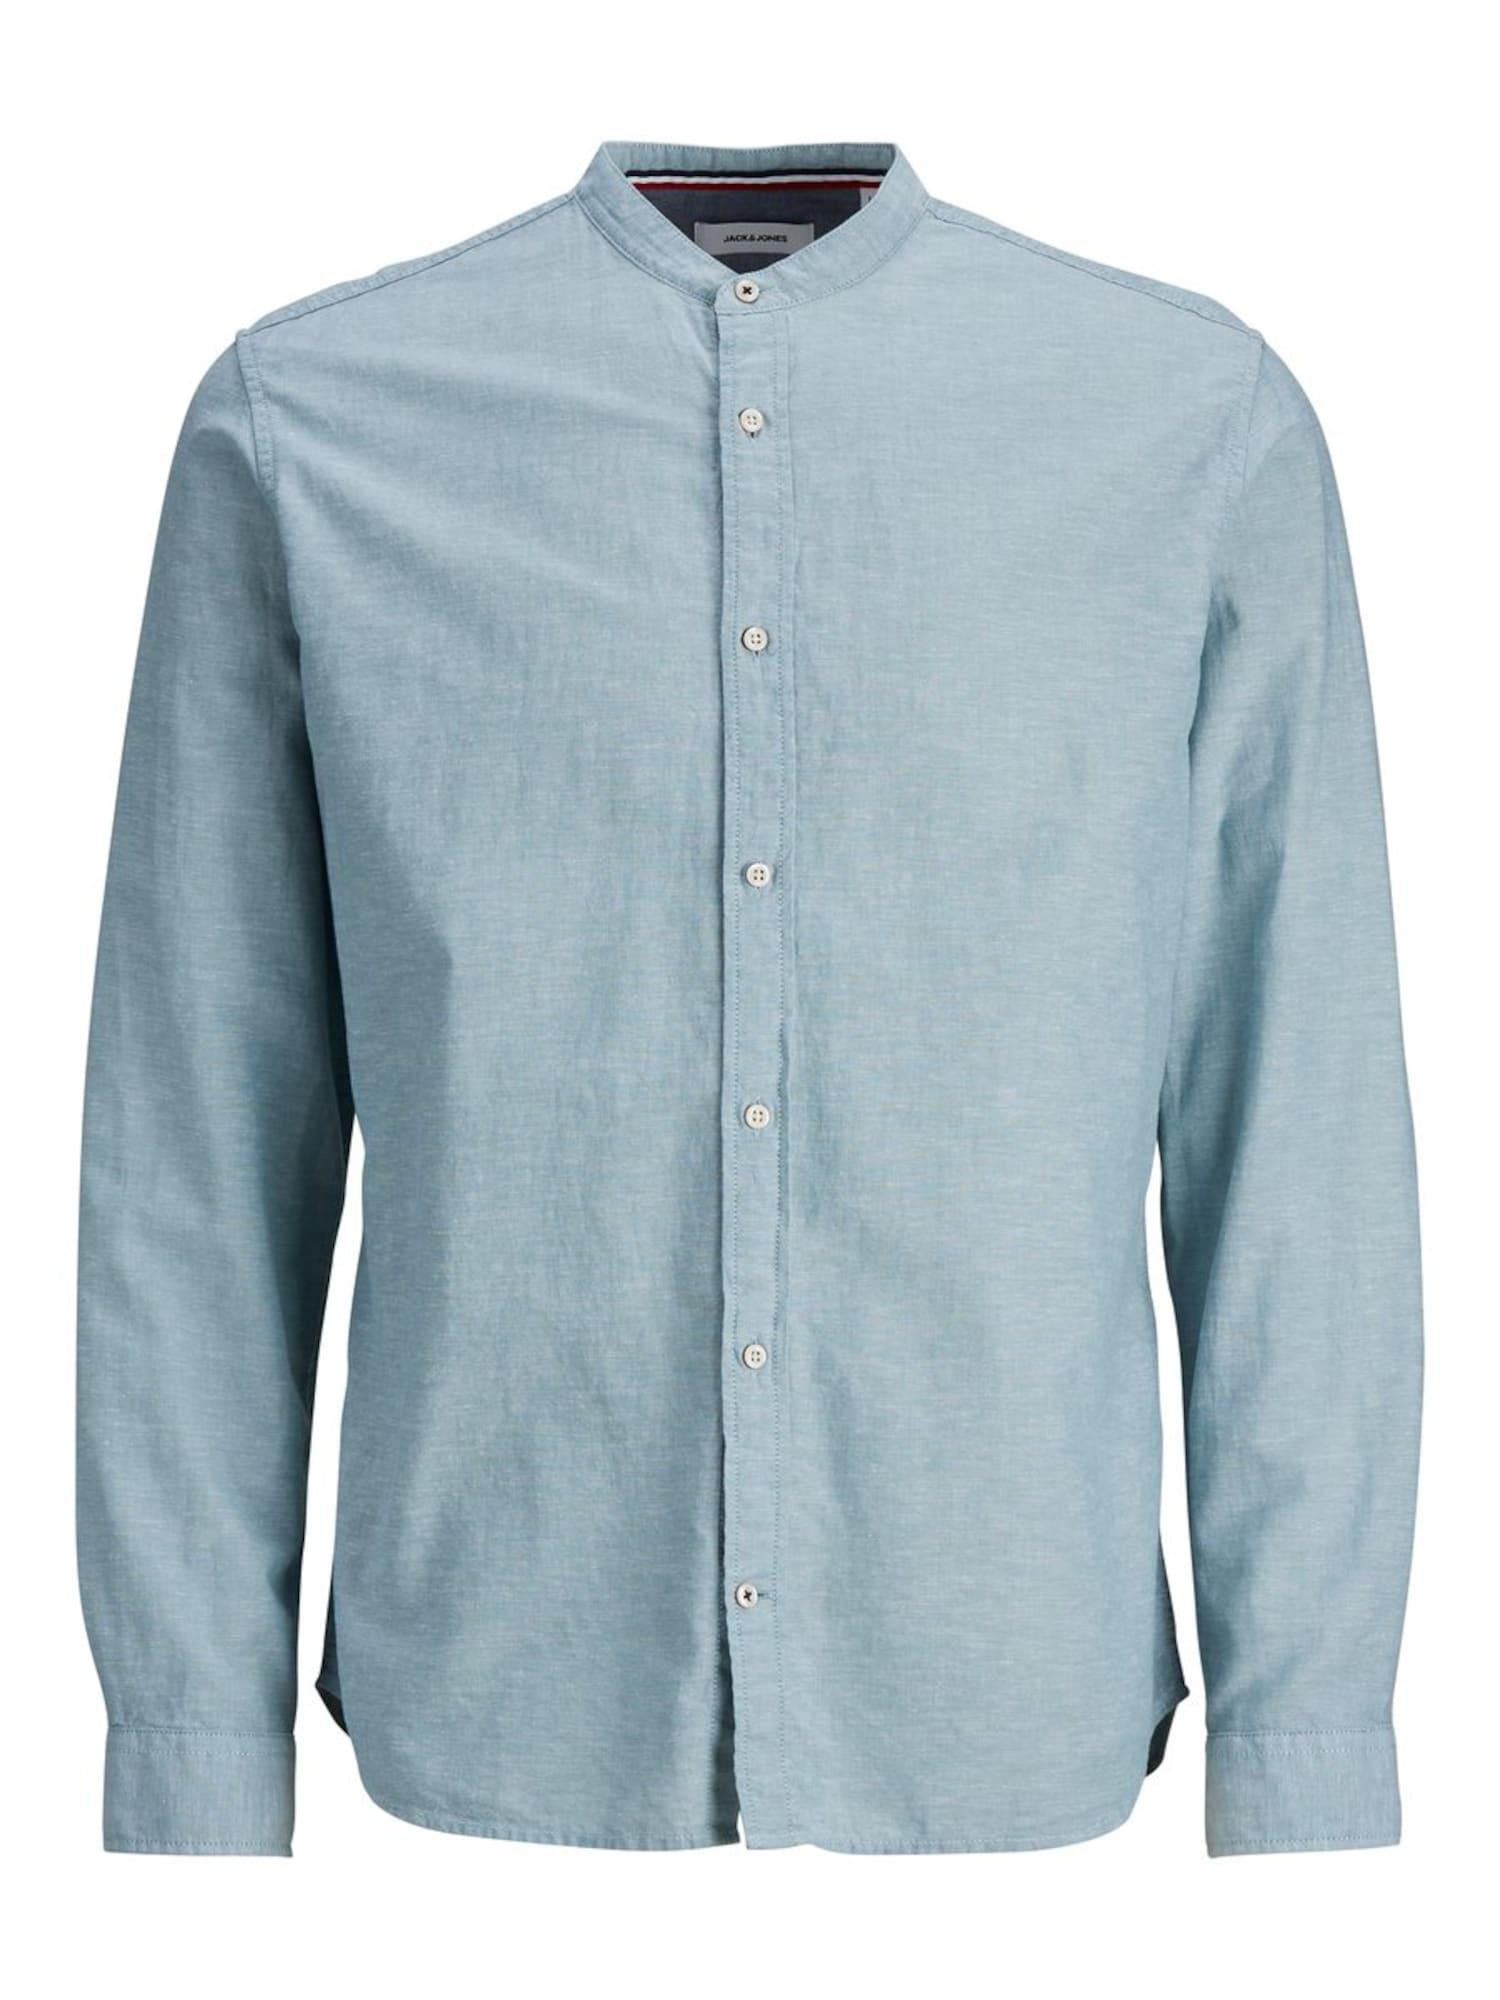 JACK & JONES Marškiniai pastelinė mėlyna